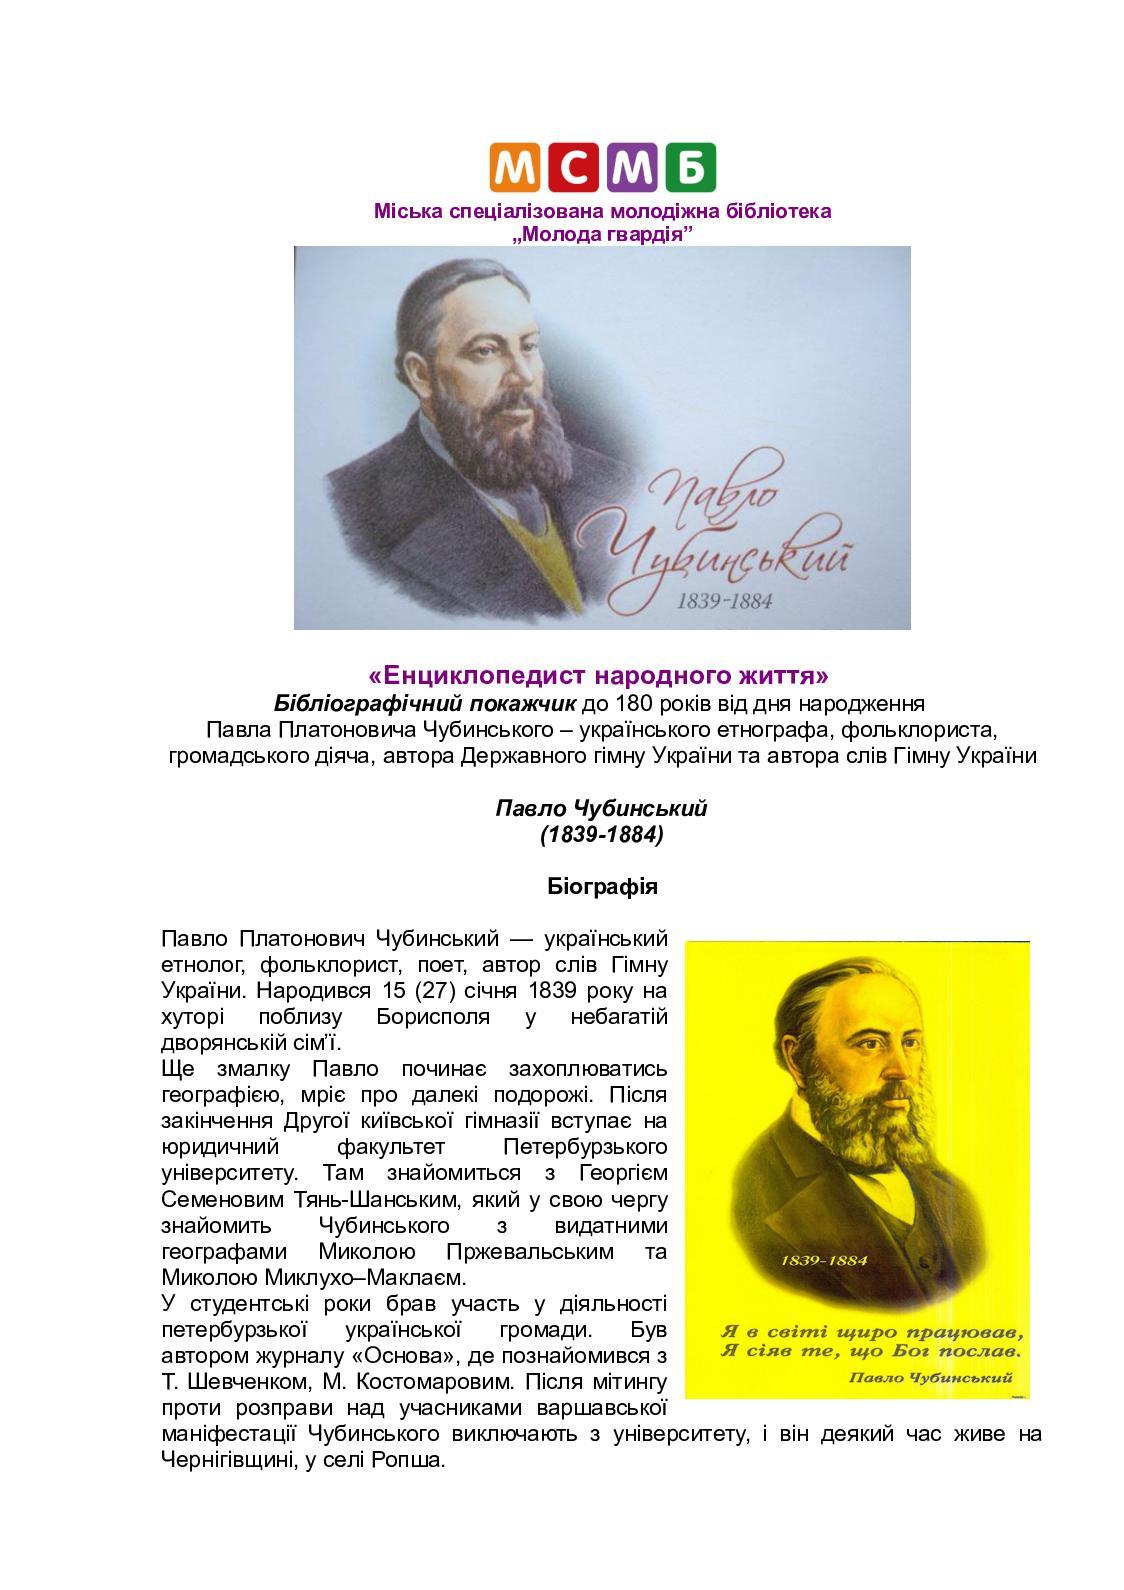 Чубинський Павло. Бібліографічний покажчик до 180 років від дня народження